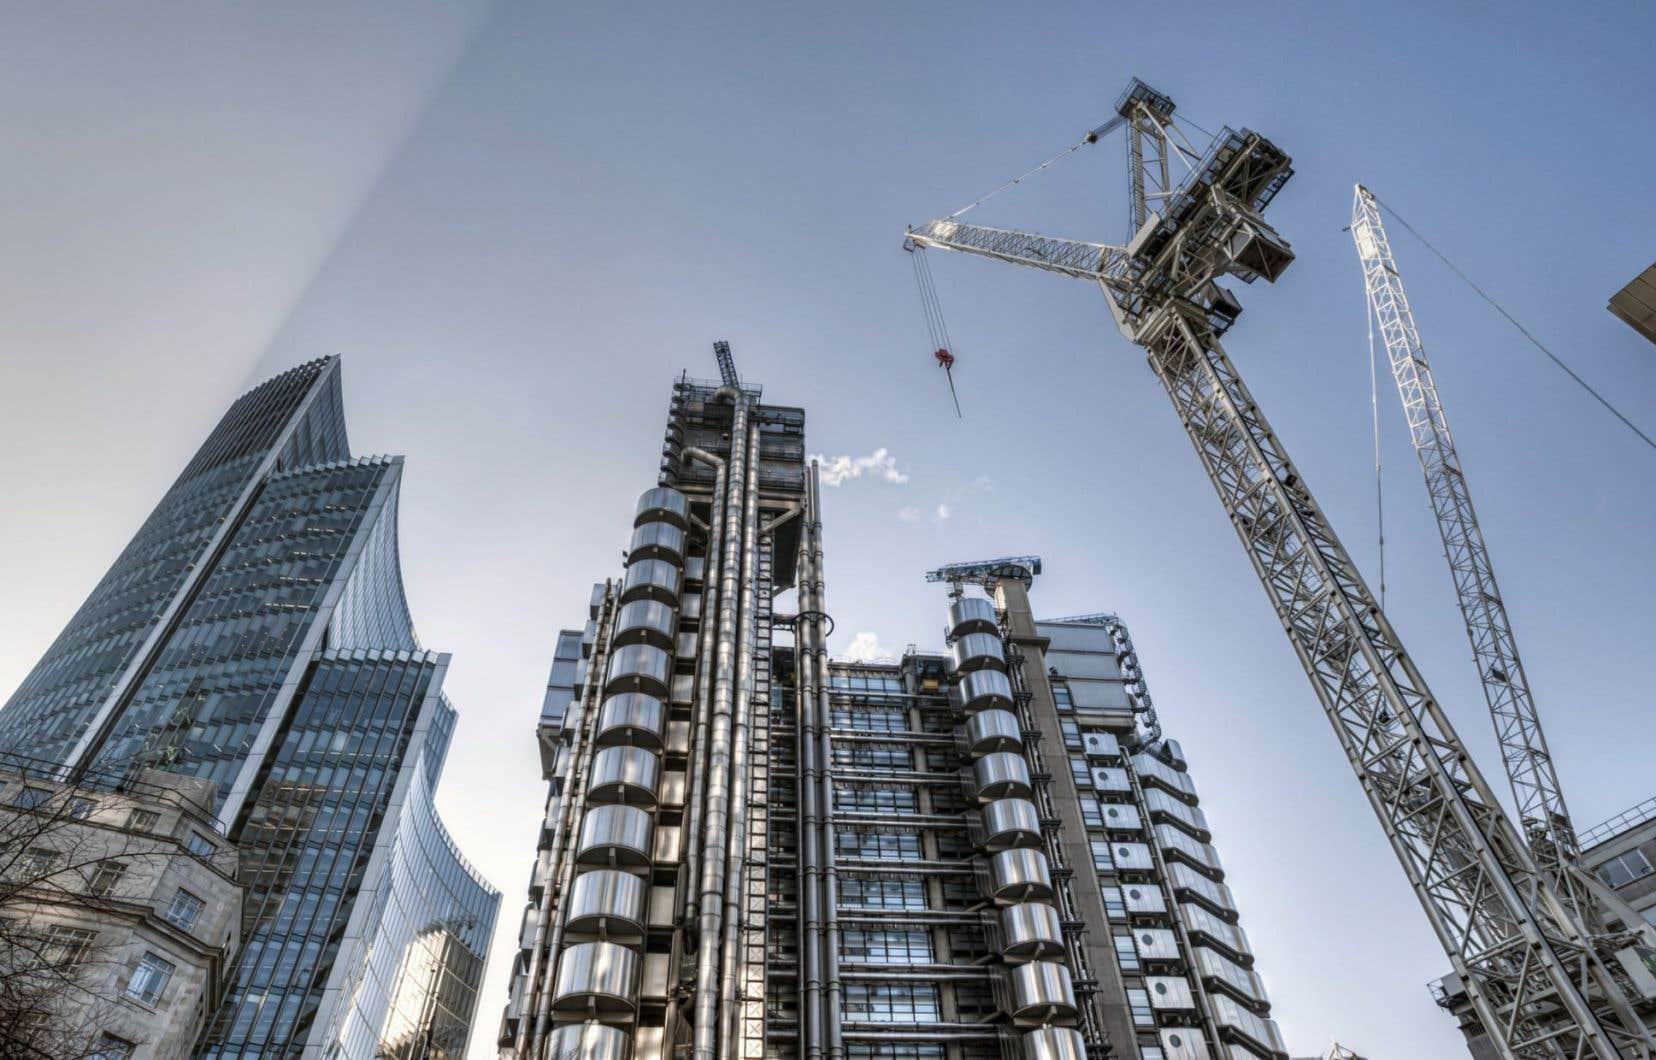 Des gratte-ciel en construction dans le district financier de Londres